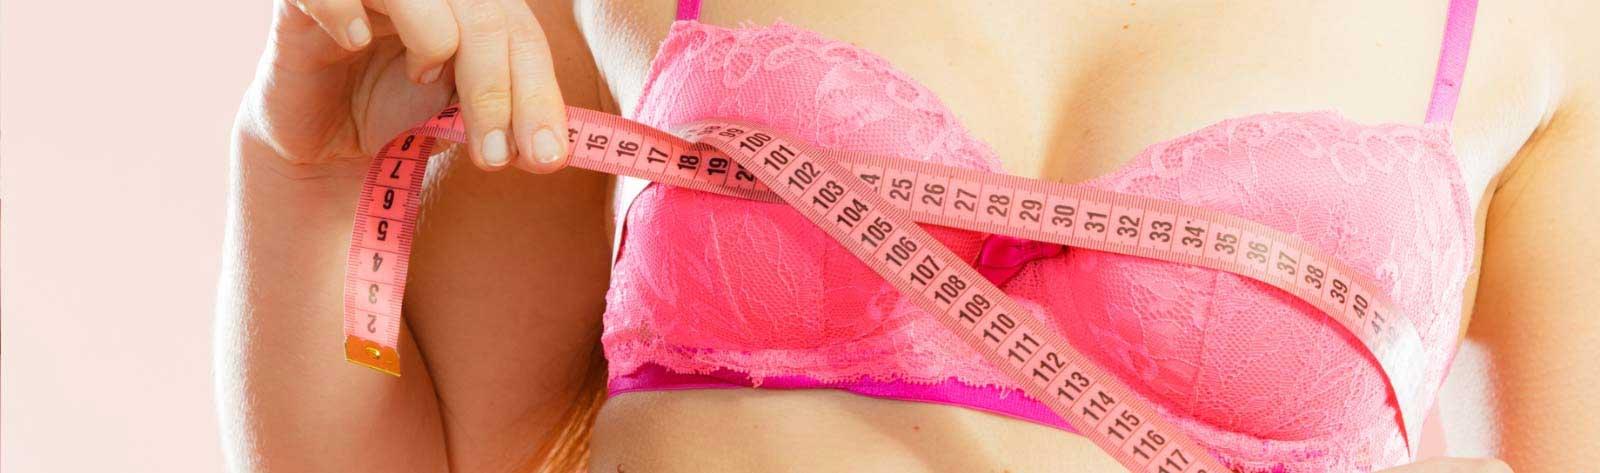 4 sposoby na uzyskanie jak najlepszych rezultatów po zabiegu redukcji piersi